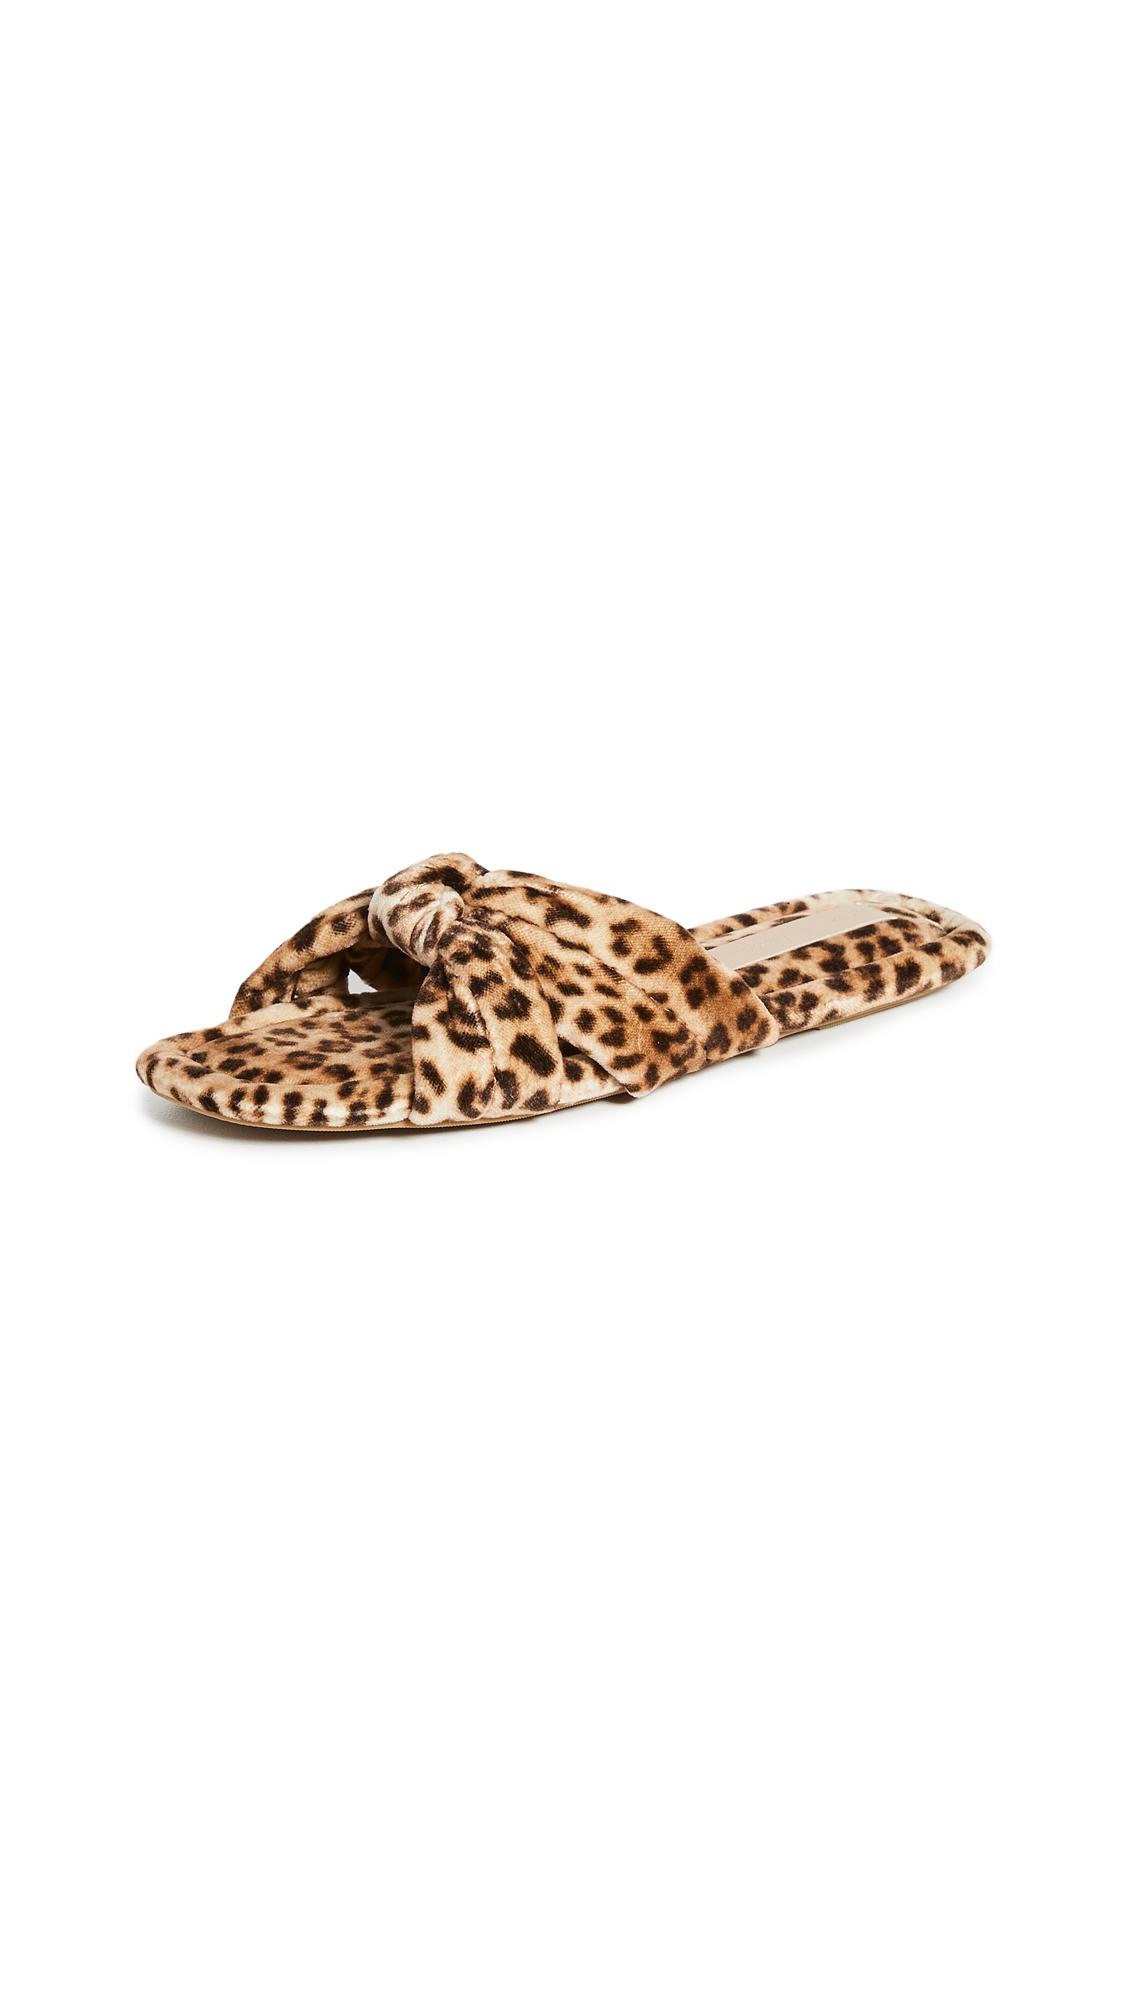 Loeffler Randall Puffy Knot Sandals